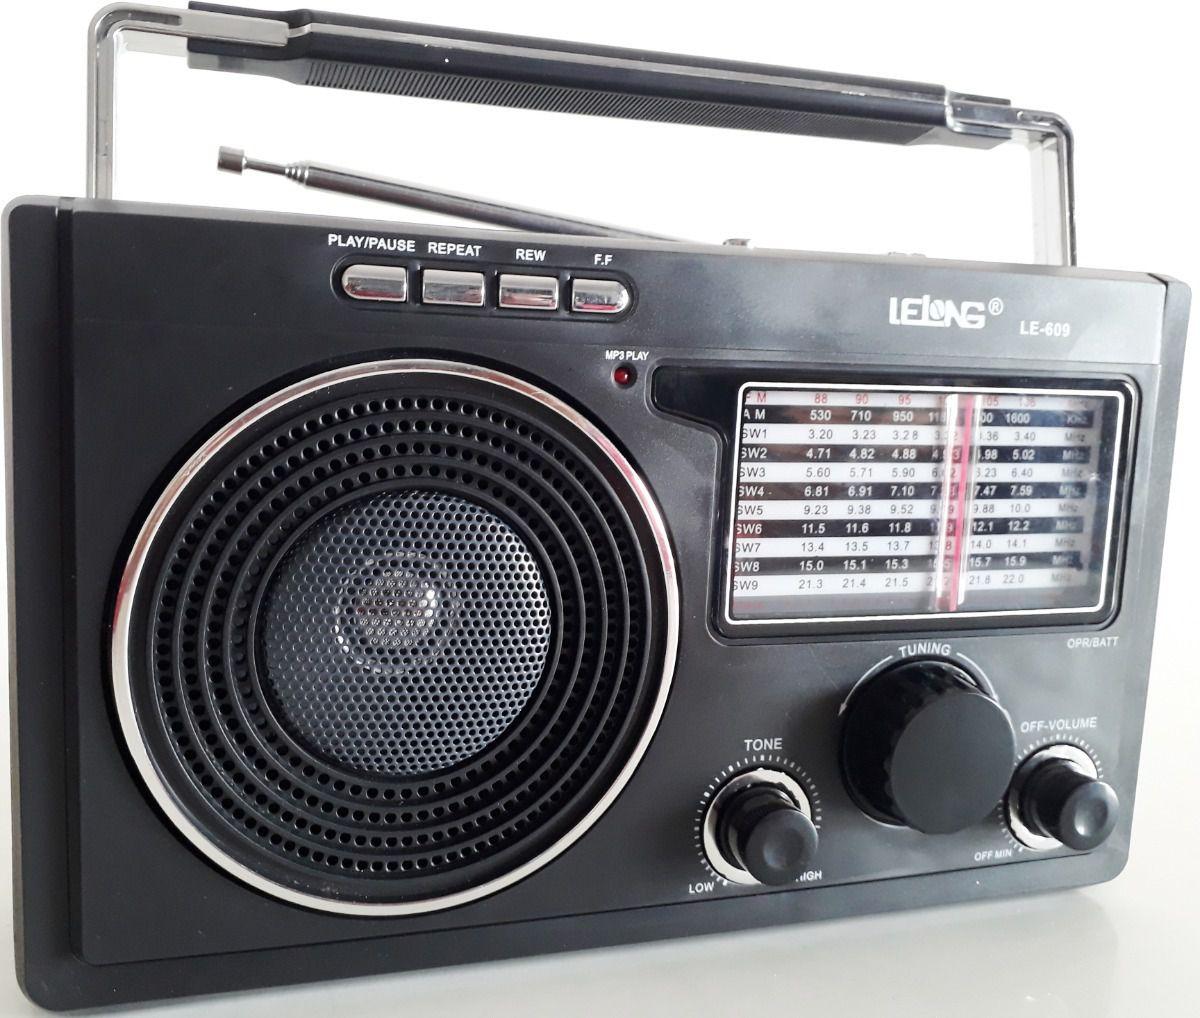 Rádio Mão Portátil Ouvir Musicas Jornal Jogo Futebol Energia